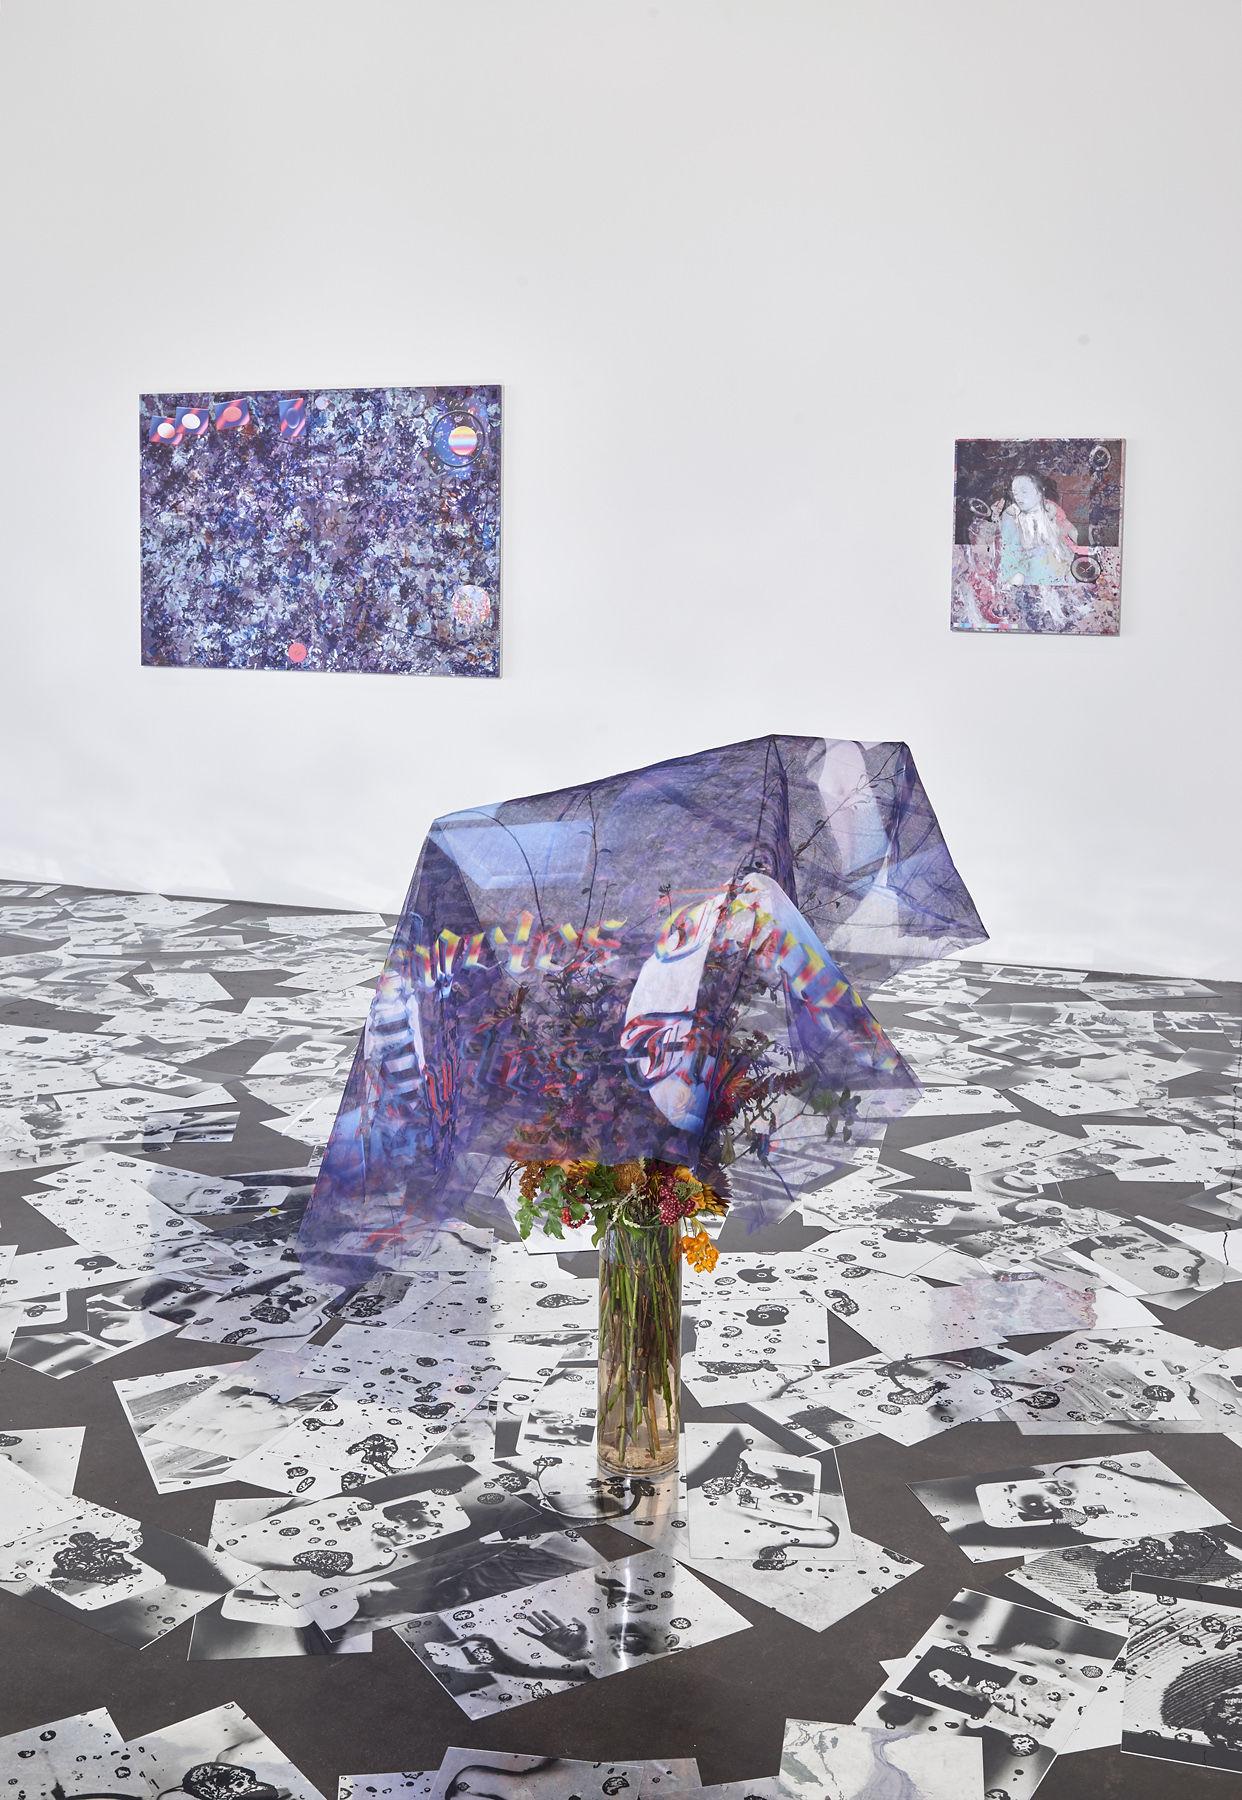 Mull_fused-space-Nov-2015_Theoretical-Children_Installation-view_medium-res-6